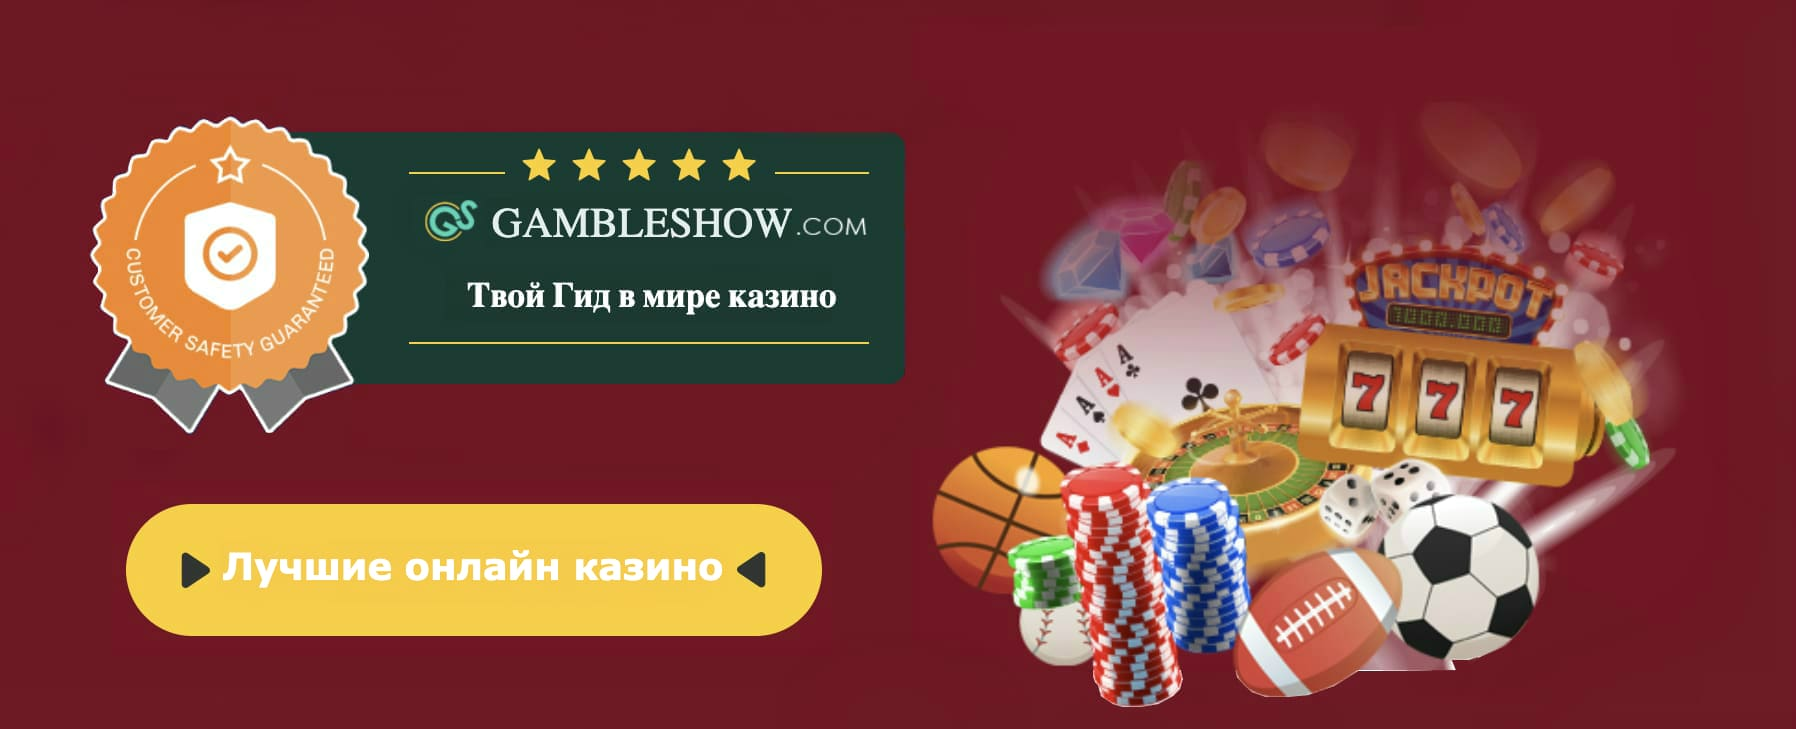 Лучшие игровые казино на деньги бесплатные мини игровые автоматы